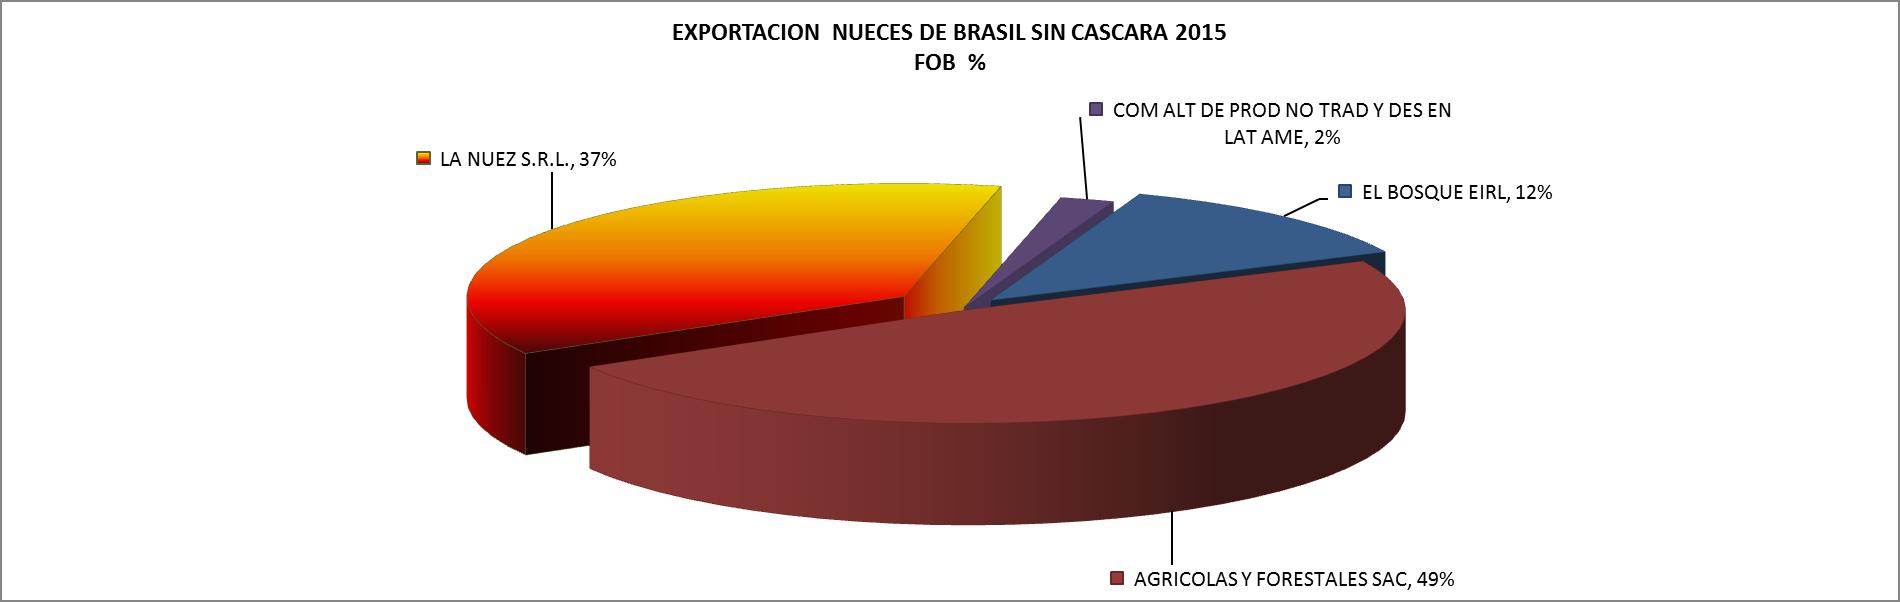 Nueces de brasil sin c scara per exportaci n febrero 2015 agrodataperu - Cascara nueces para decorar ...